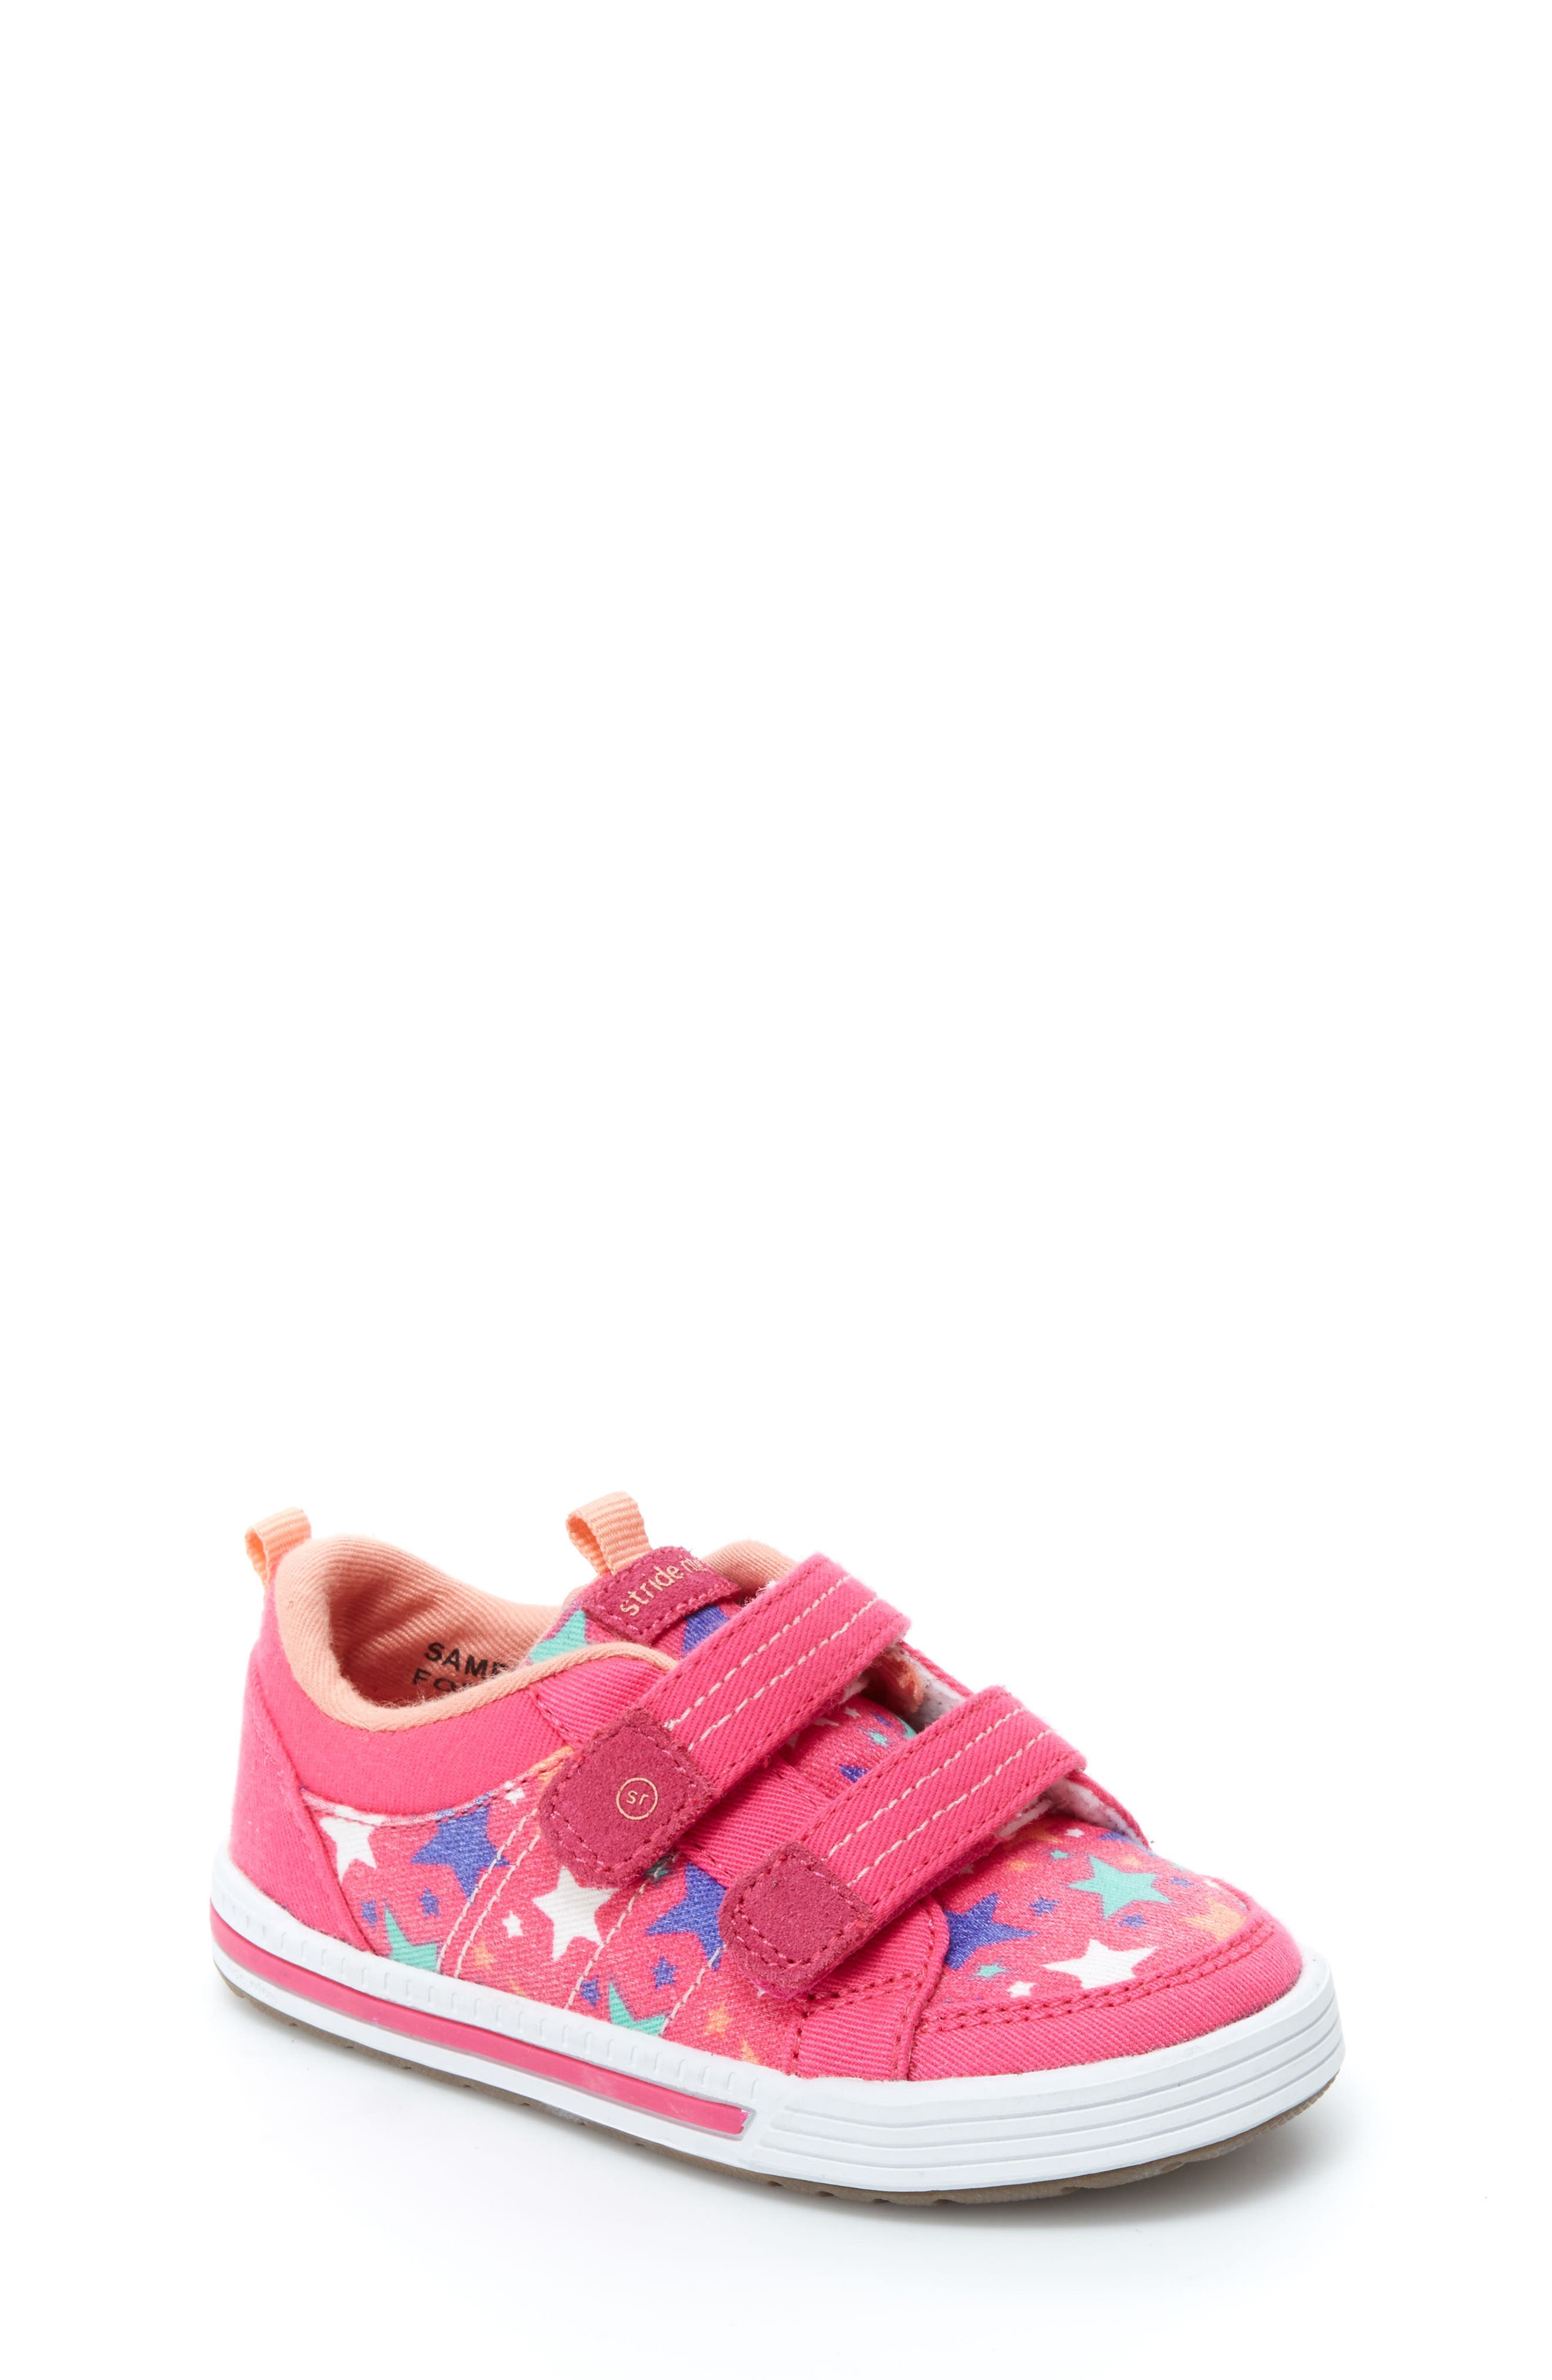 Logan Patterned Sneaker,                         Main,                         color, 650